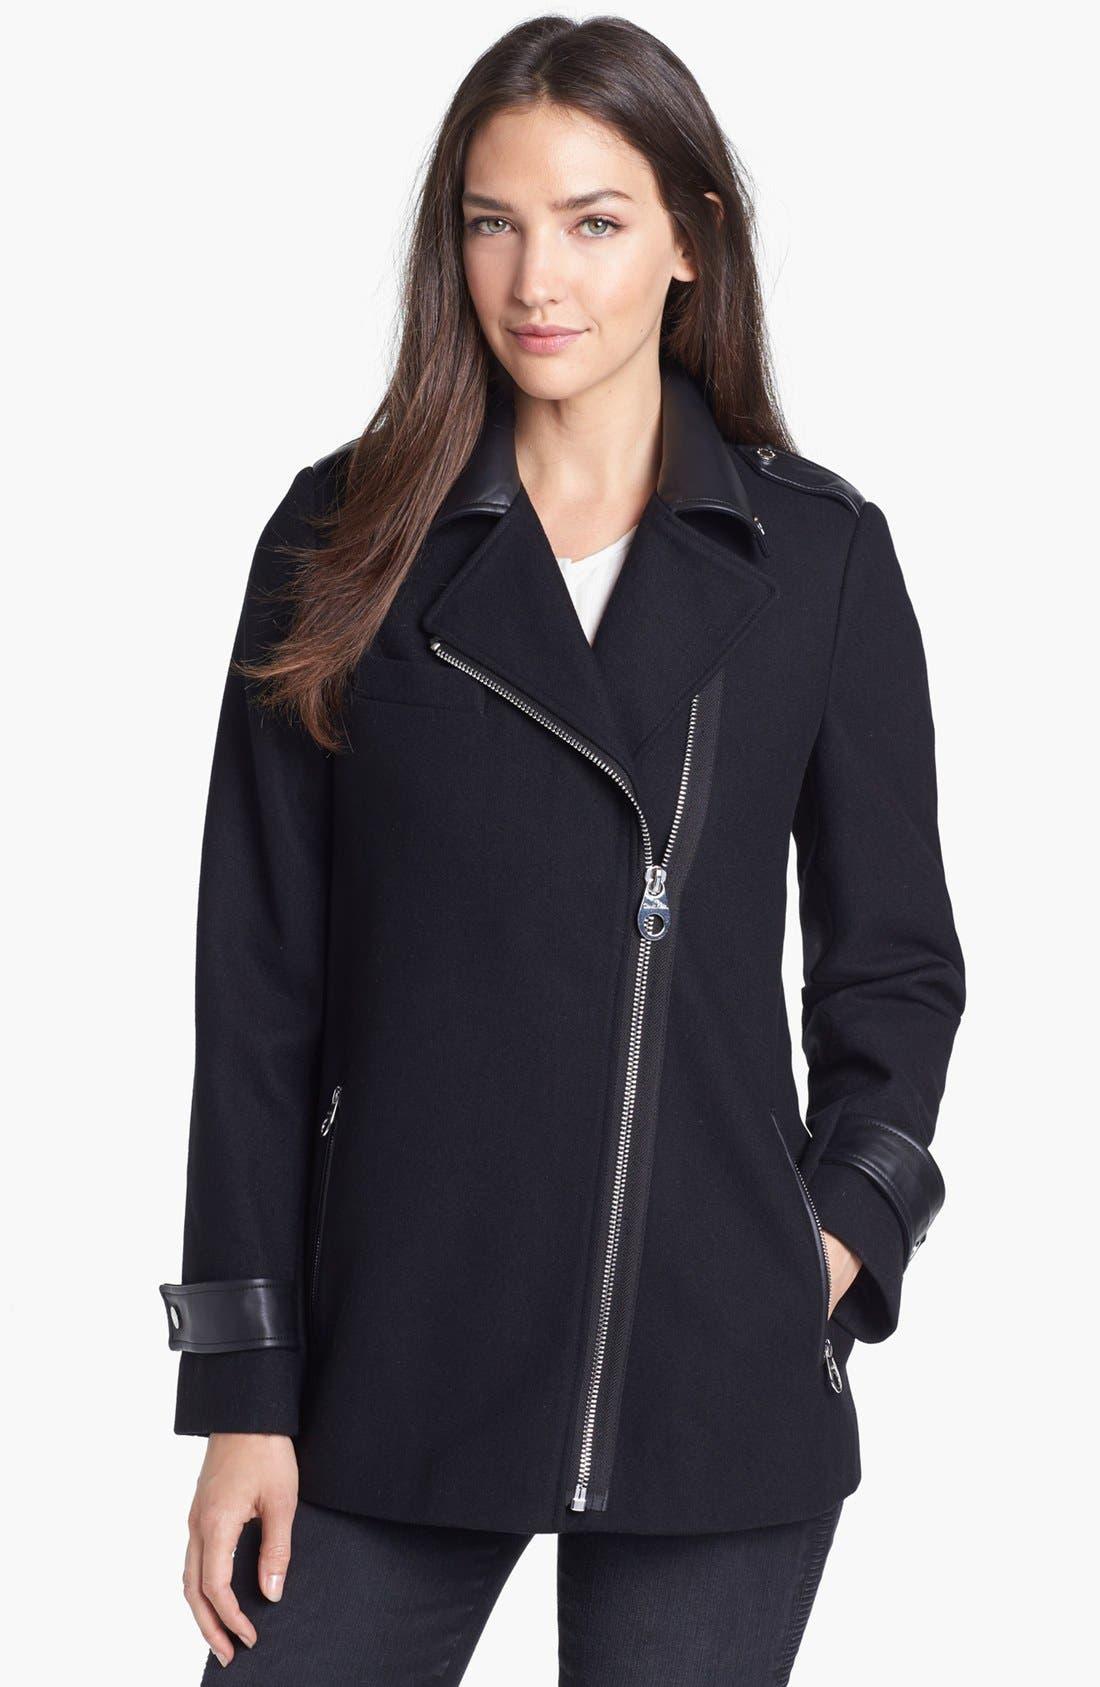 Faux Leather Trim Asymmetrical Jacket, Main, color, 001